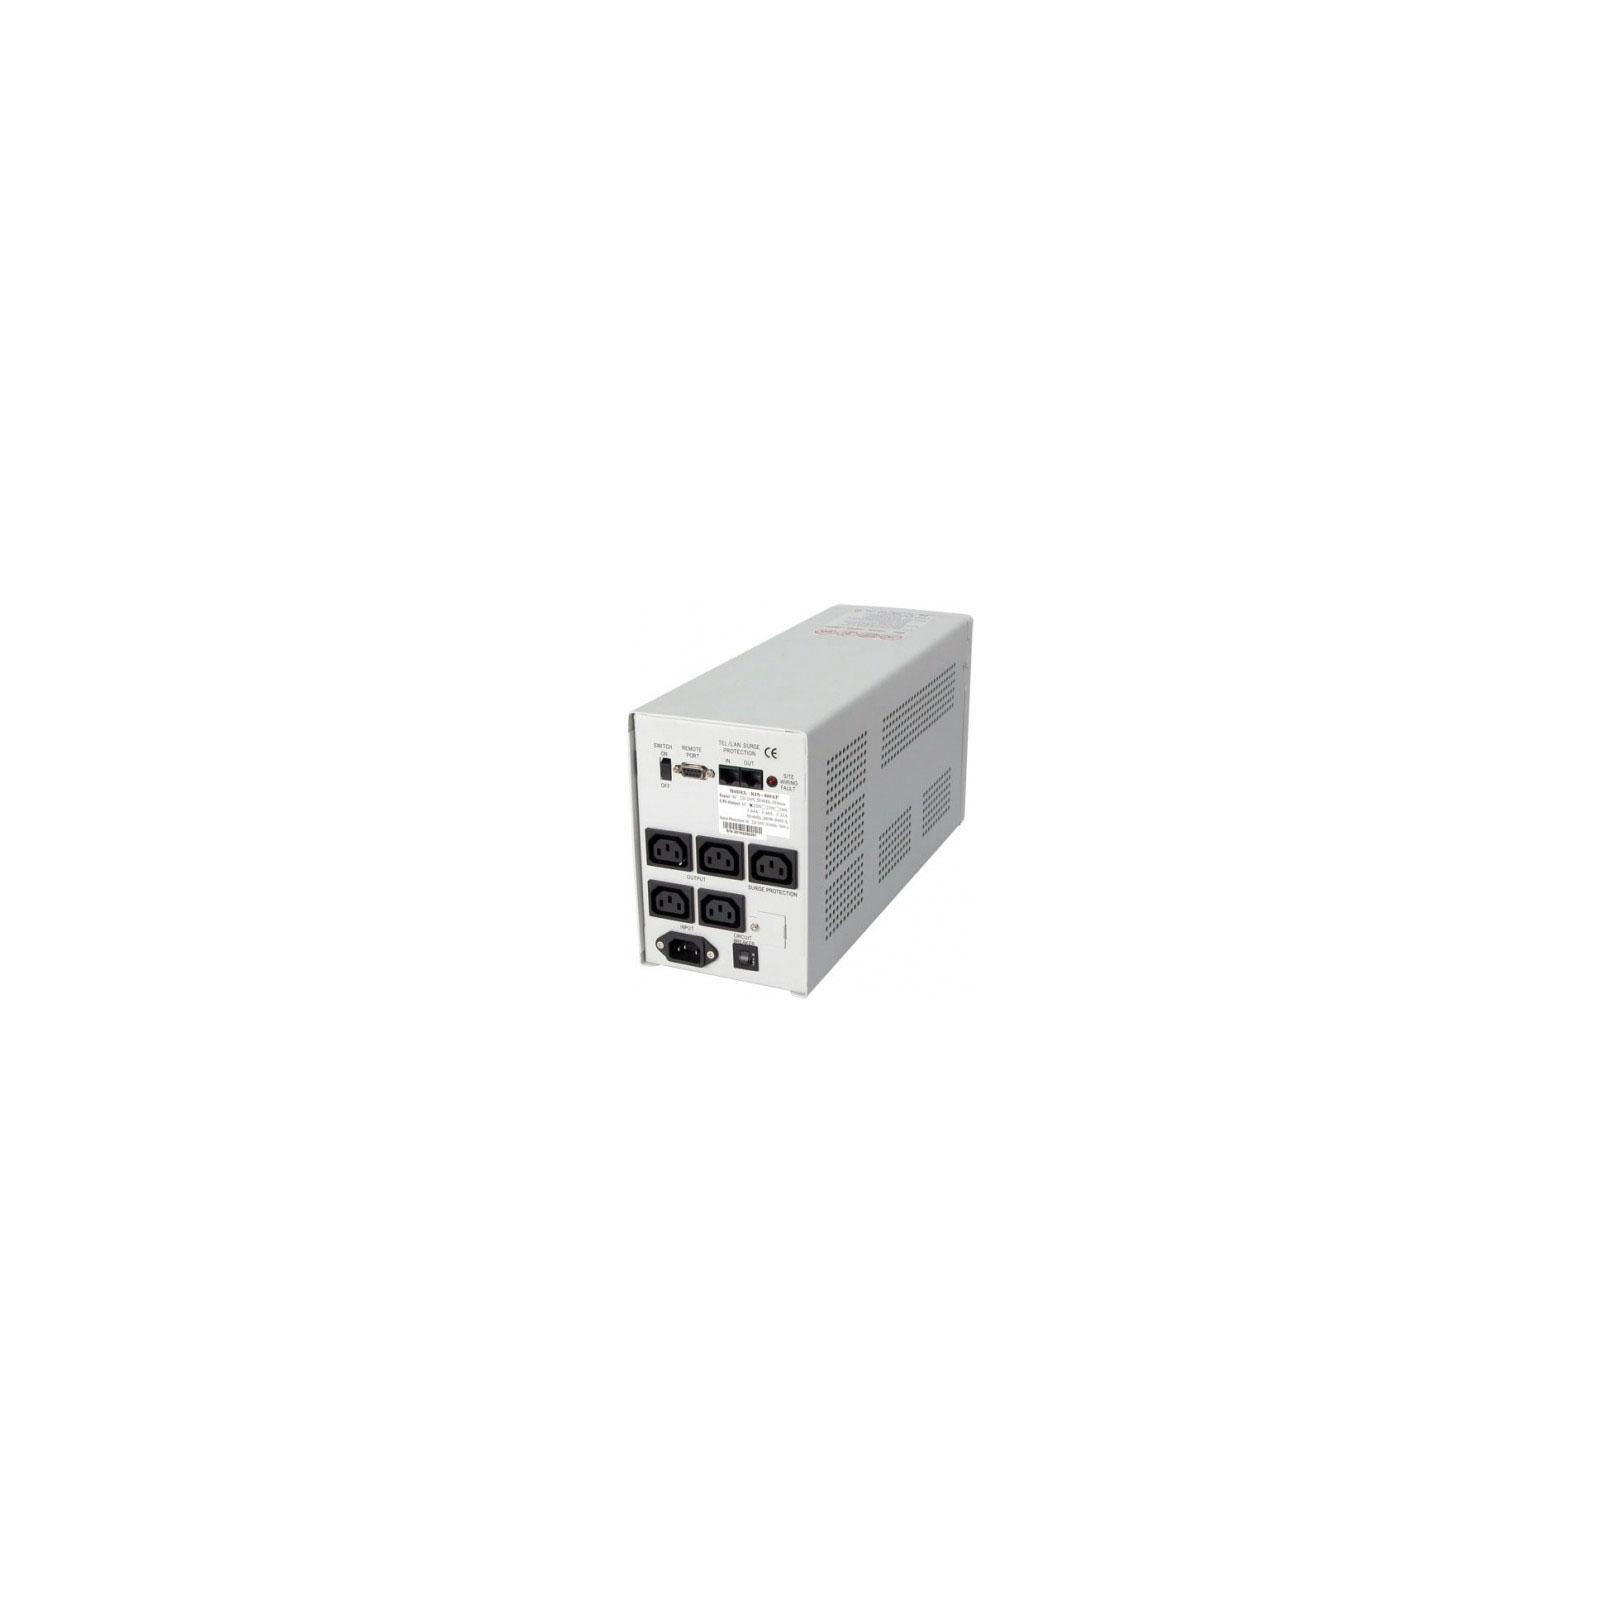 Источник бесперебойного питания KIN-1500 AP Powercom изображение 2